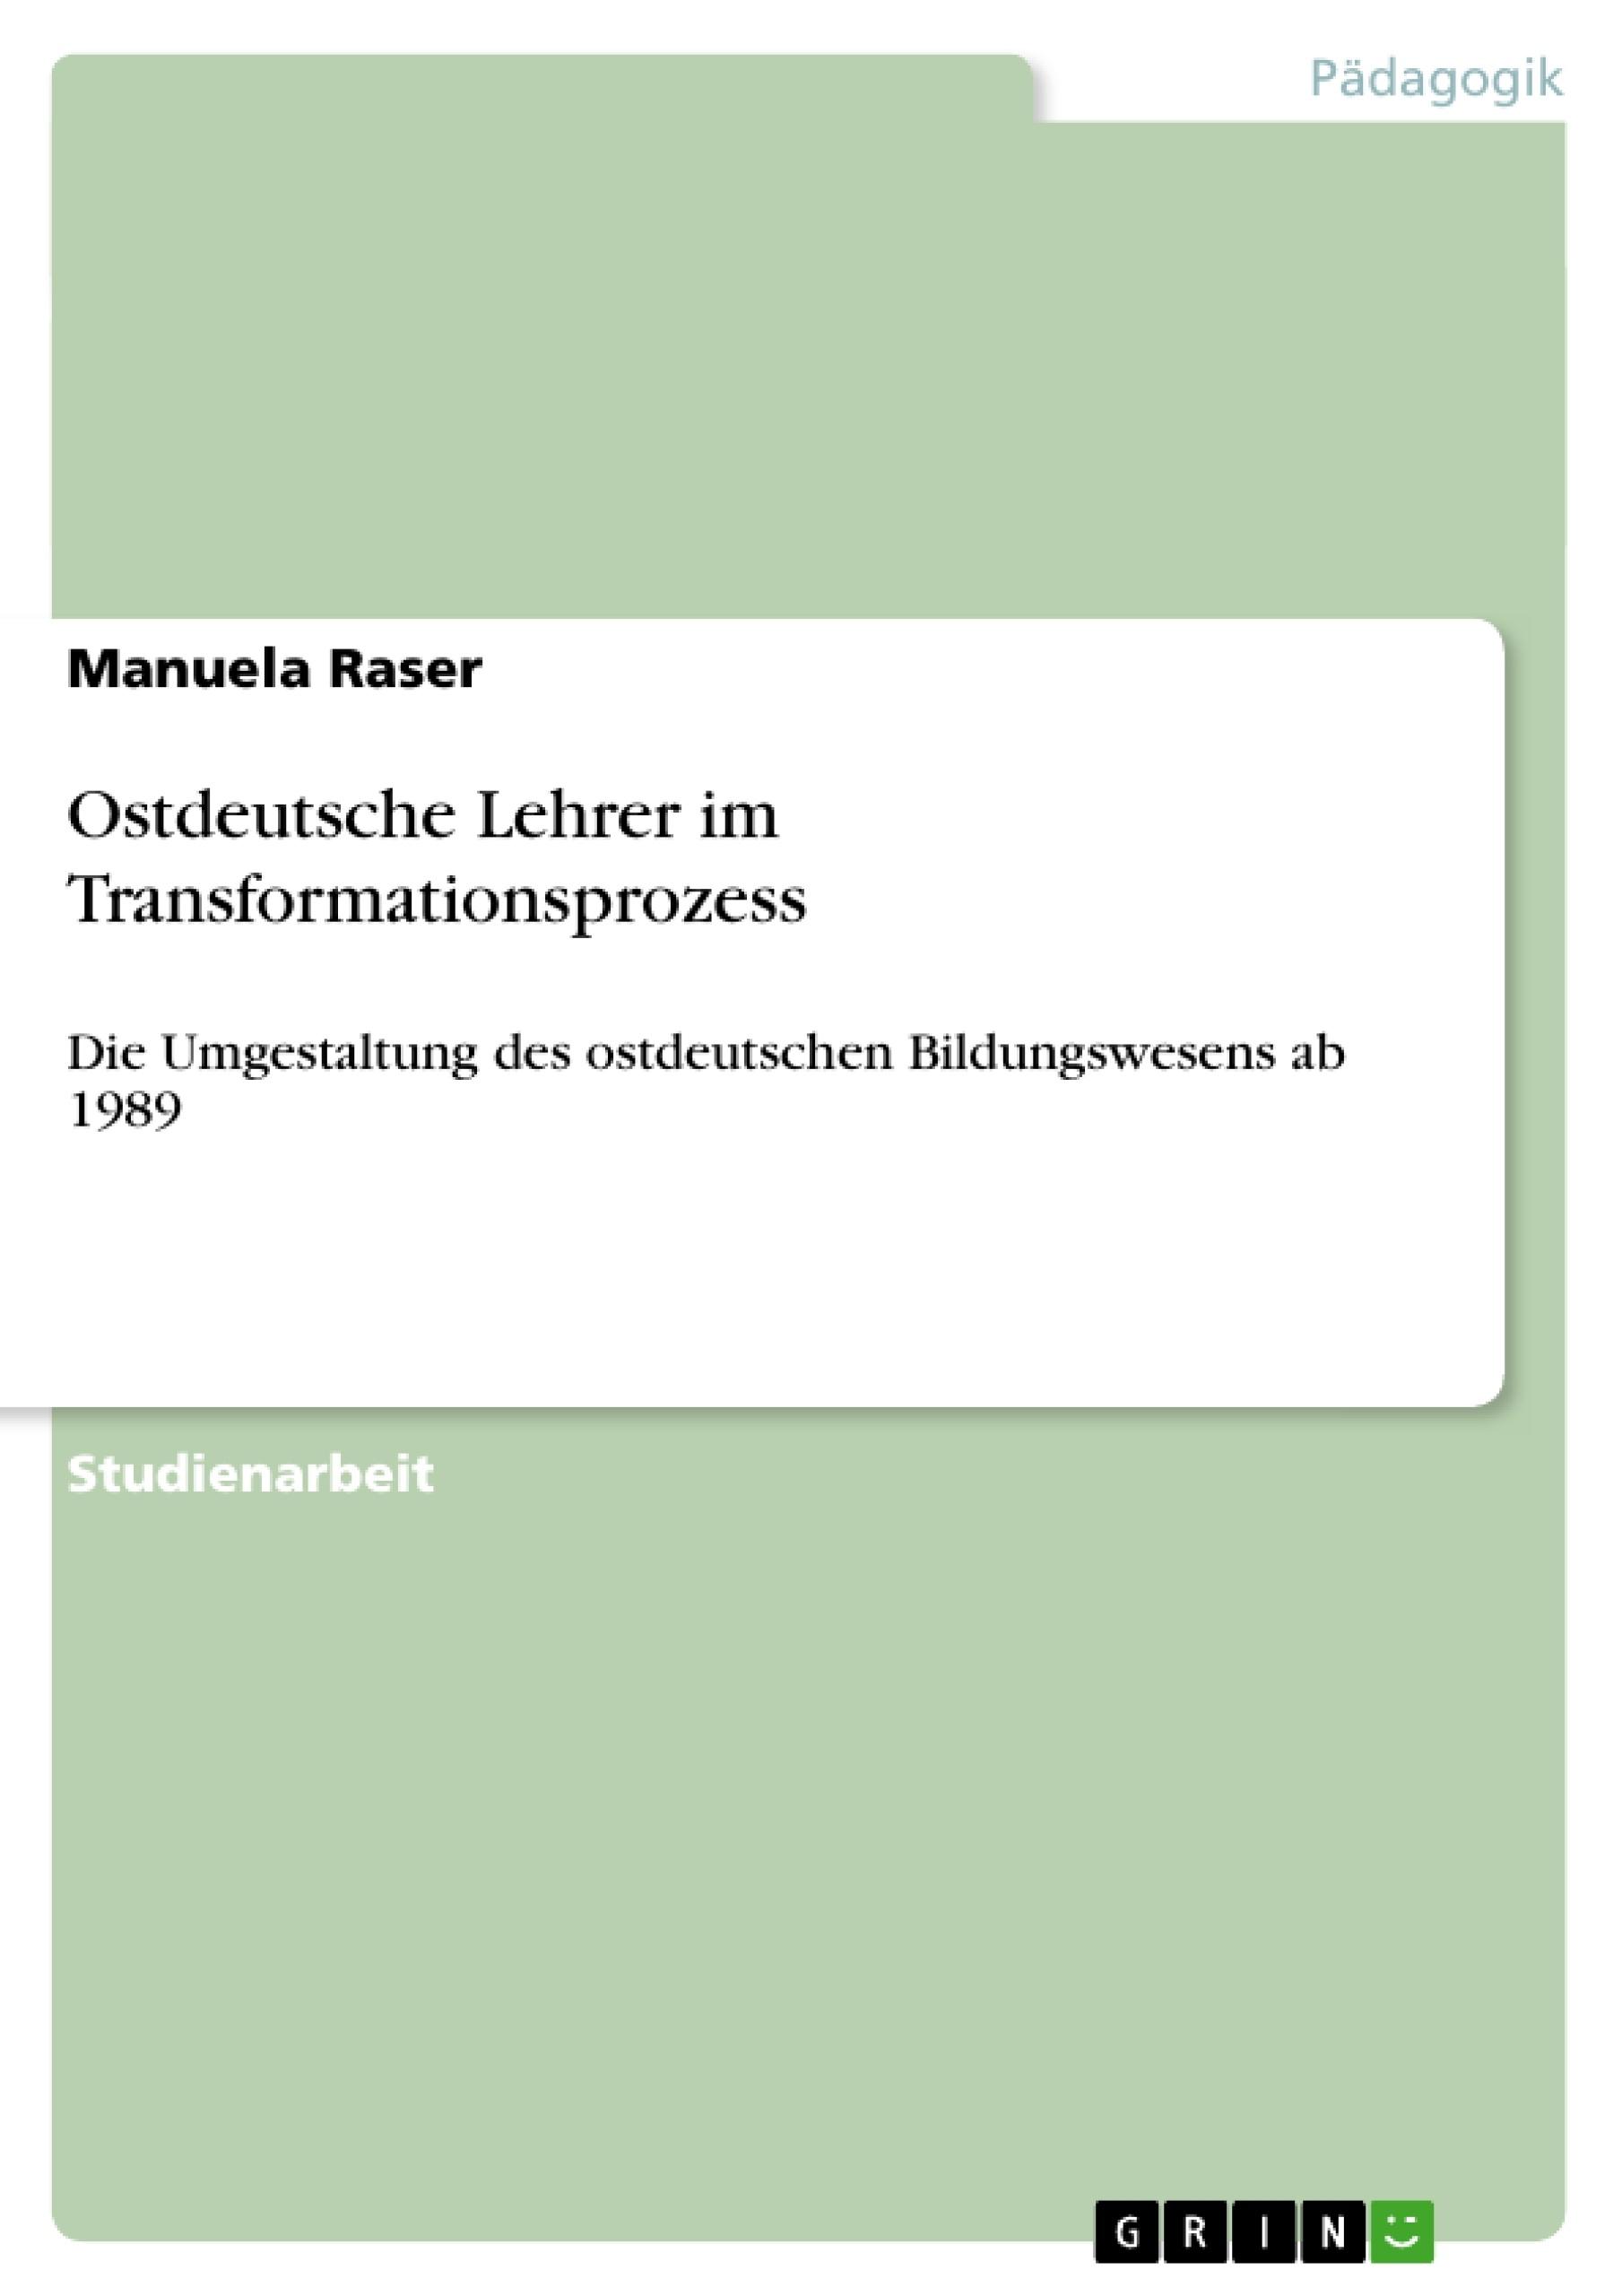 Titel: Ostdeutsche Lehrer im Transformationsprozess